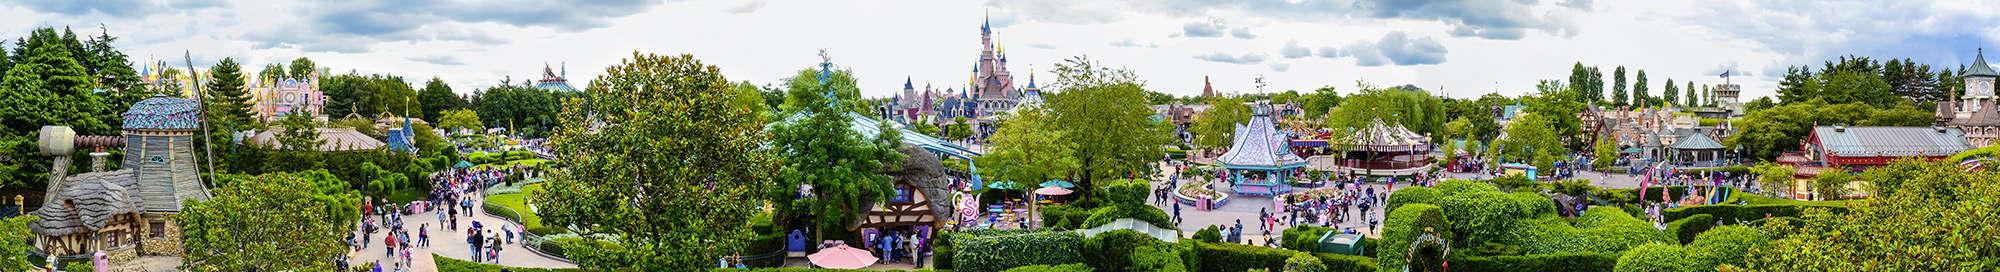 Escapadas fin de semana en Parque Disneyland® Paris